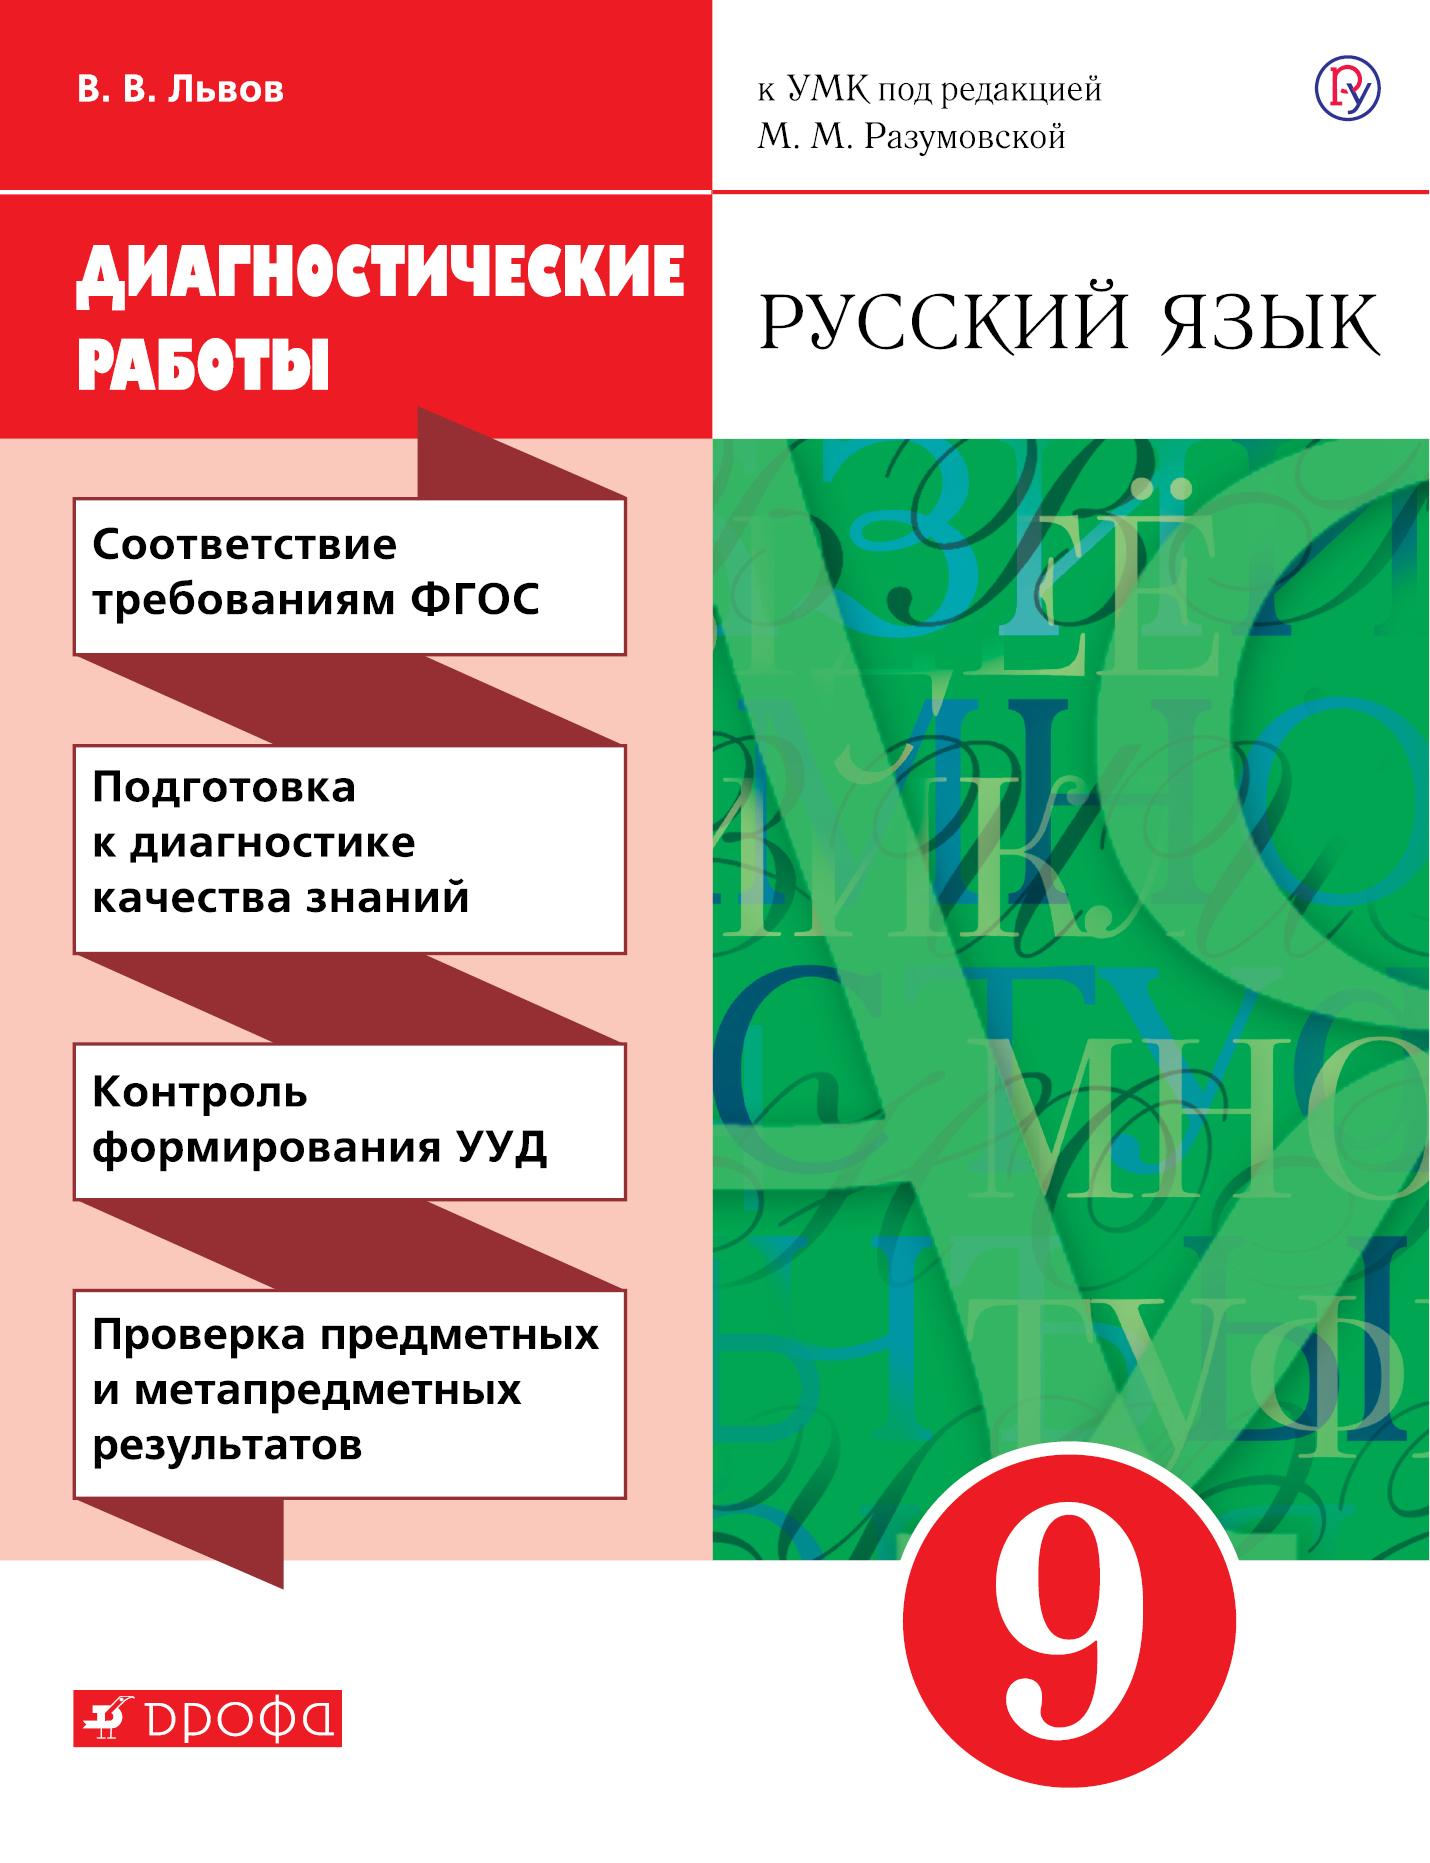 Русский язык. 9 класс. Рабочая тетрадь (диагностические работы).